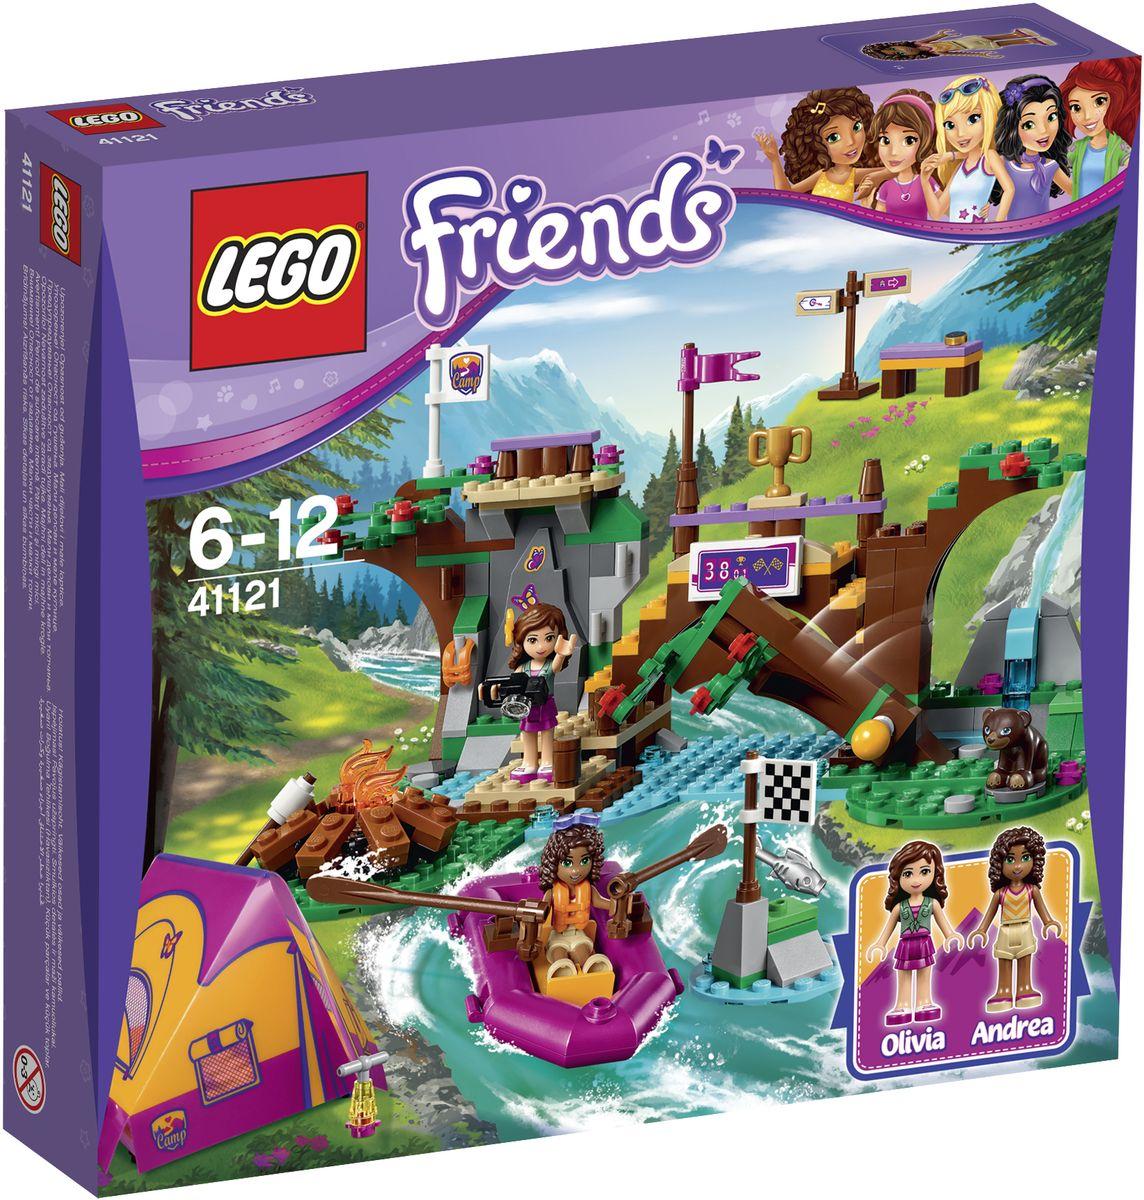 LEGO Friends Конструктор Спортивный лагерь Сплав по реке 4112141121Оливия и Андреа поехали на экскурсию в загородный лагерь, чтобы научится лазать по скалам и сплавляться по реке. Отправляйтесь к стене для скалолазания и проверьте, как быстро вы сможете достичь вершины, а затем наденьте спасательный жилет и преодолейте пороги в лодке. Остерегайтесь падающих деревьев и медведя, рыбачащего в реке! Вам удалось побить рекорд и выиграть приз? Затем поделитесь своими историями у костра и отдохните в палатке. Набор включает в себя 320 разноцветных пластиковых элементов. Конструктор - это один из самых увлекательных и веселых способов времяпрепровождения. Ребенок сможет часами играть с конструктором, придумывая различные ситуации и истории.